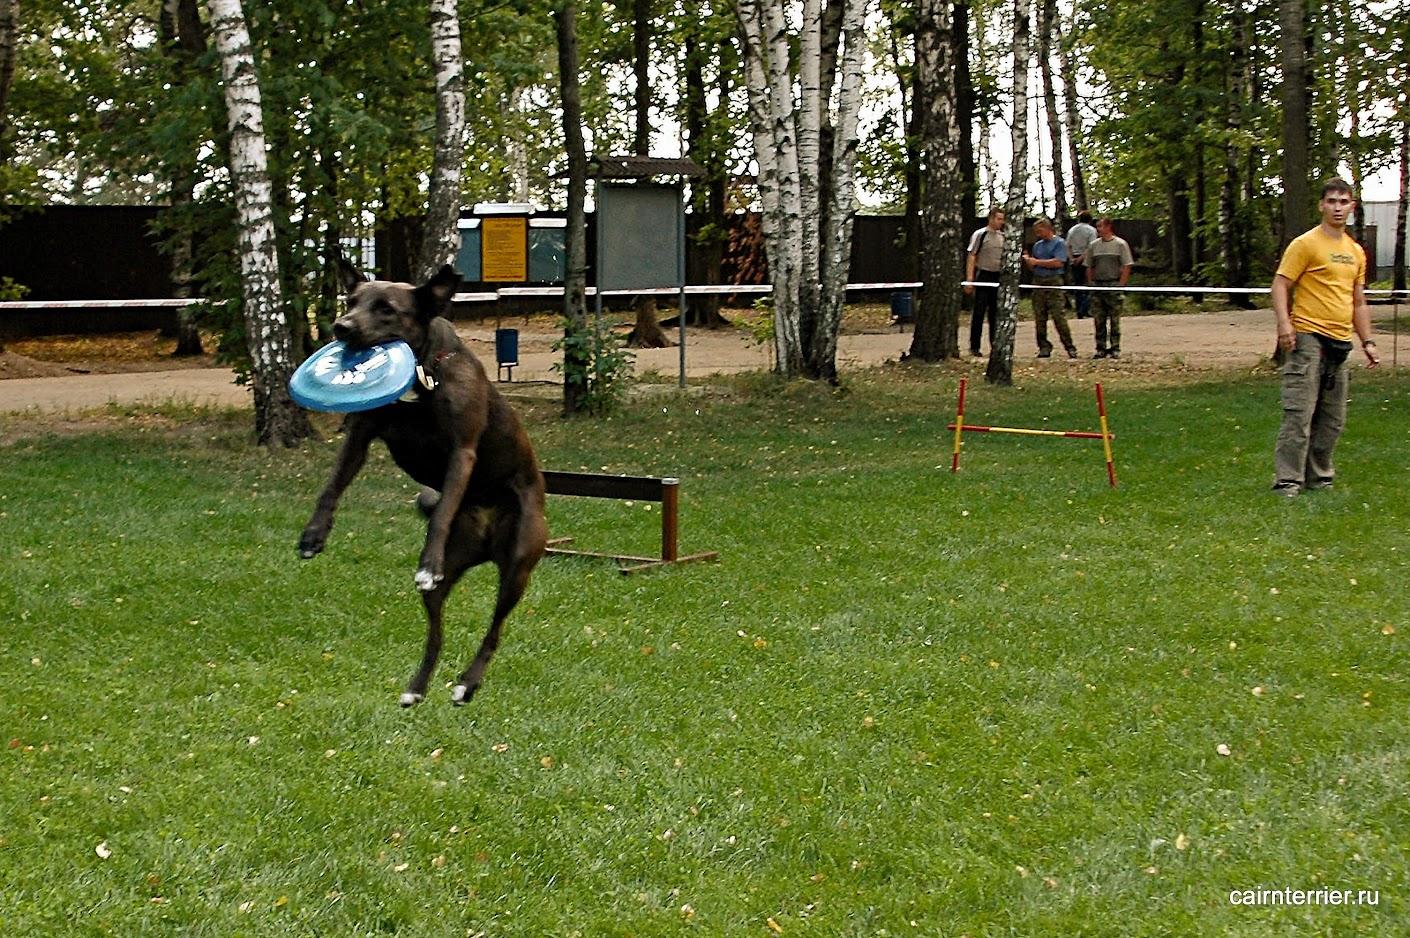 Фото Собаки, которая поймала диск оторвав при этом все четыре лапы от земли в прыжке.